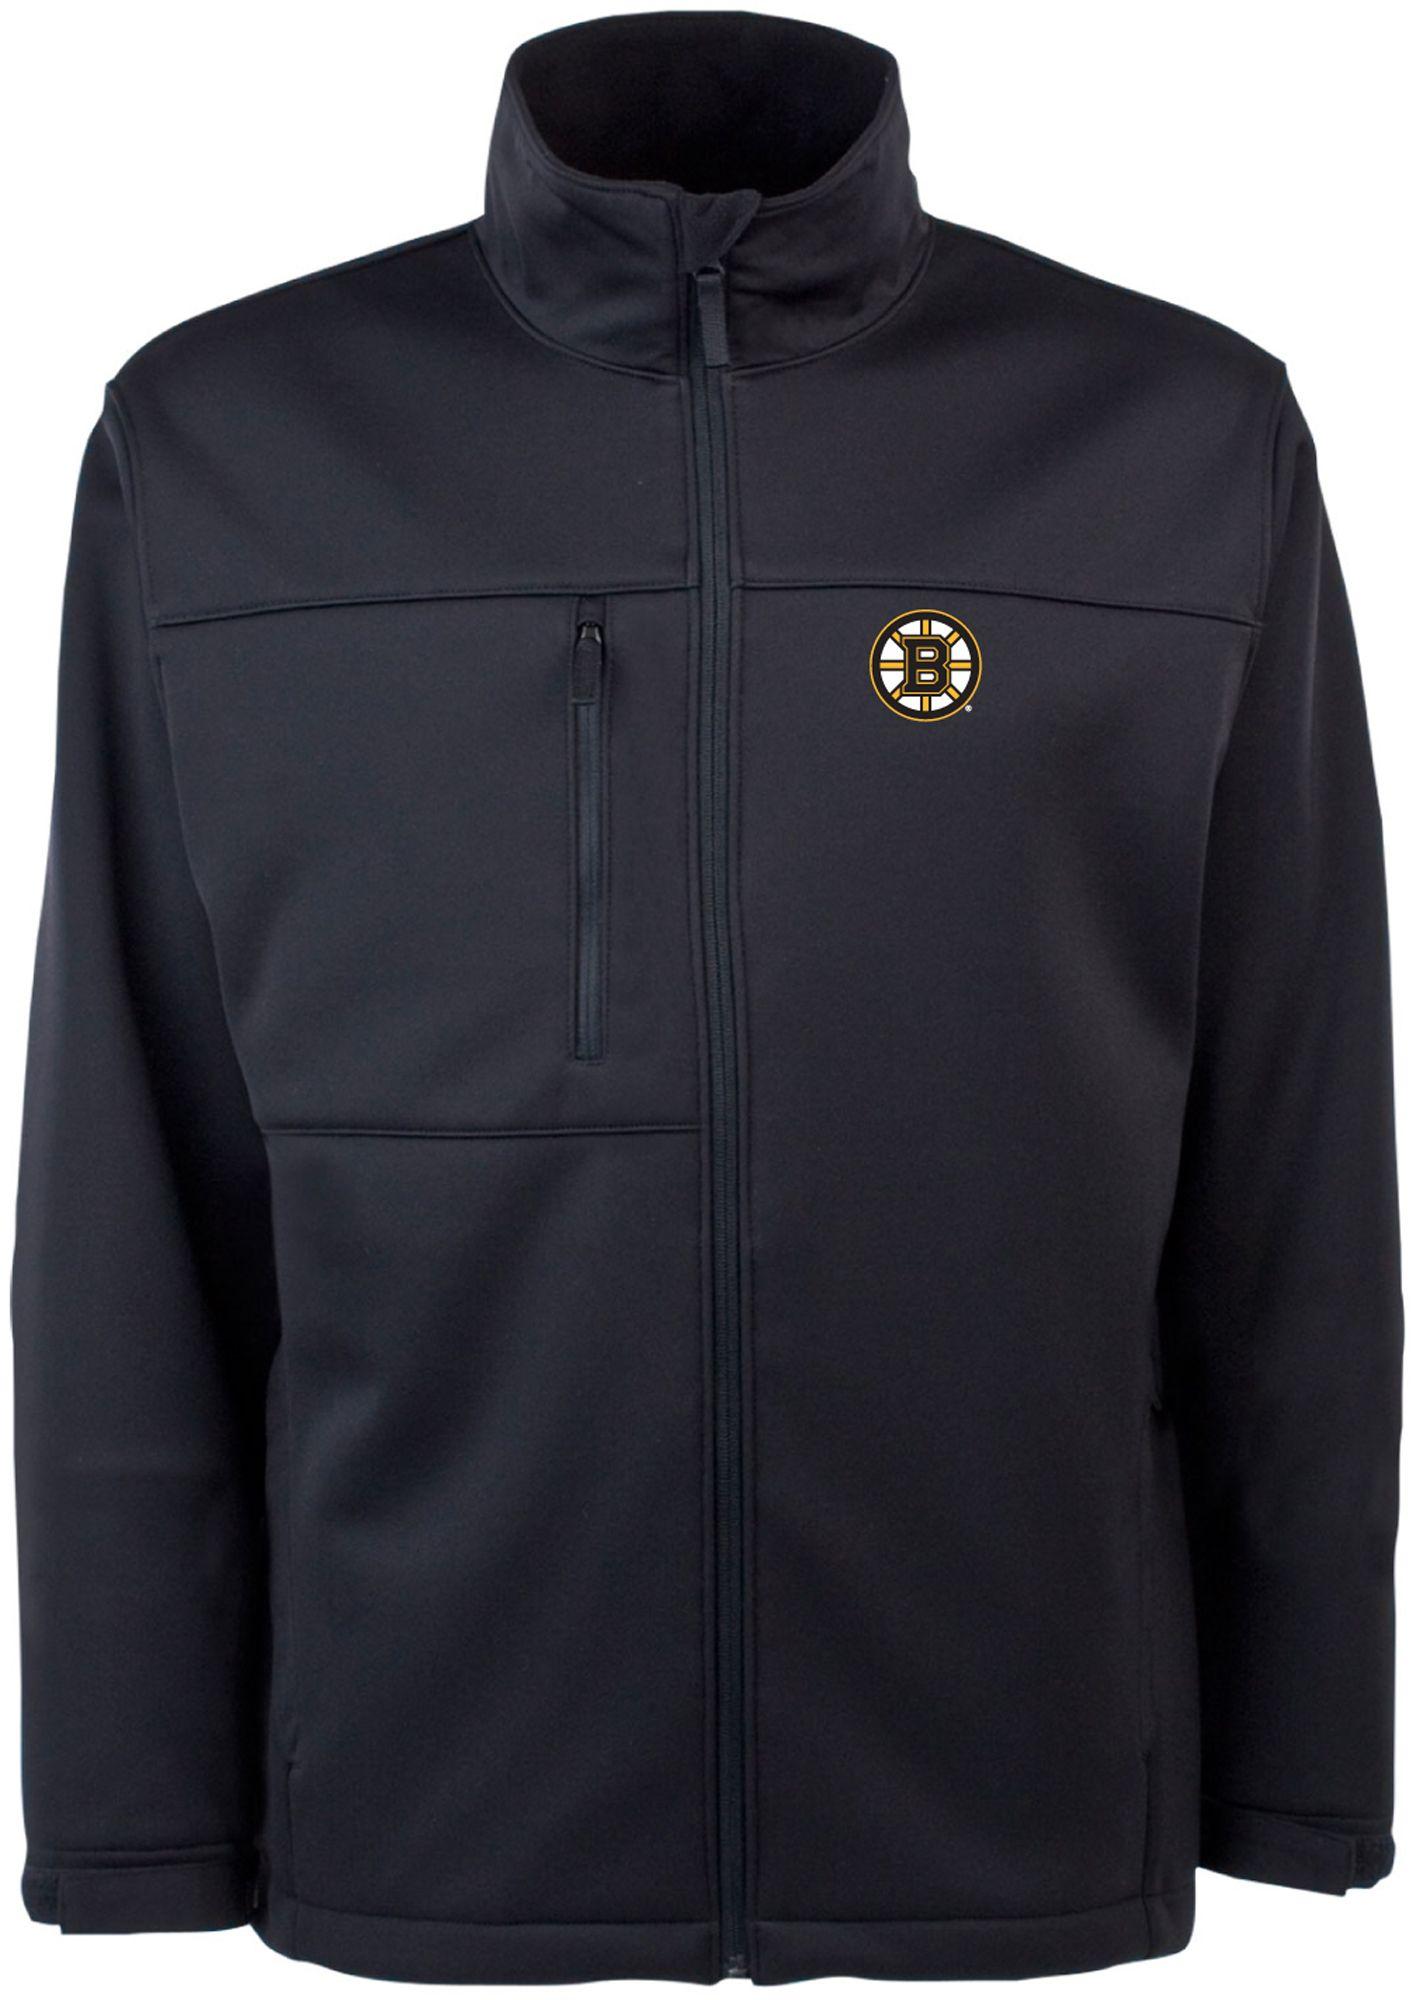 Mens jacket fleece - Noimagefound